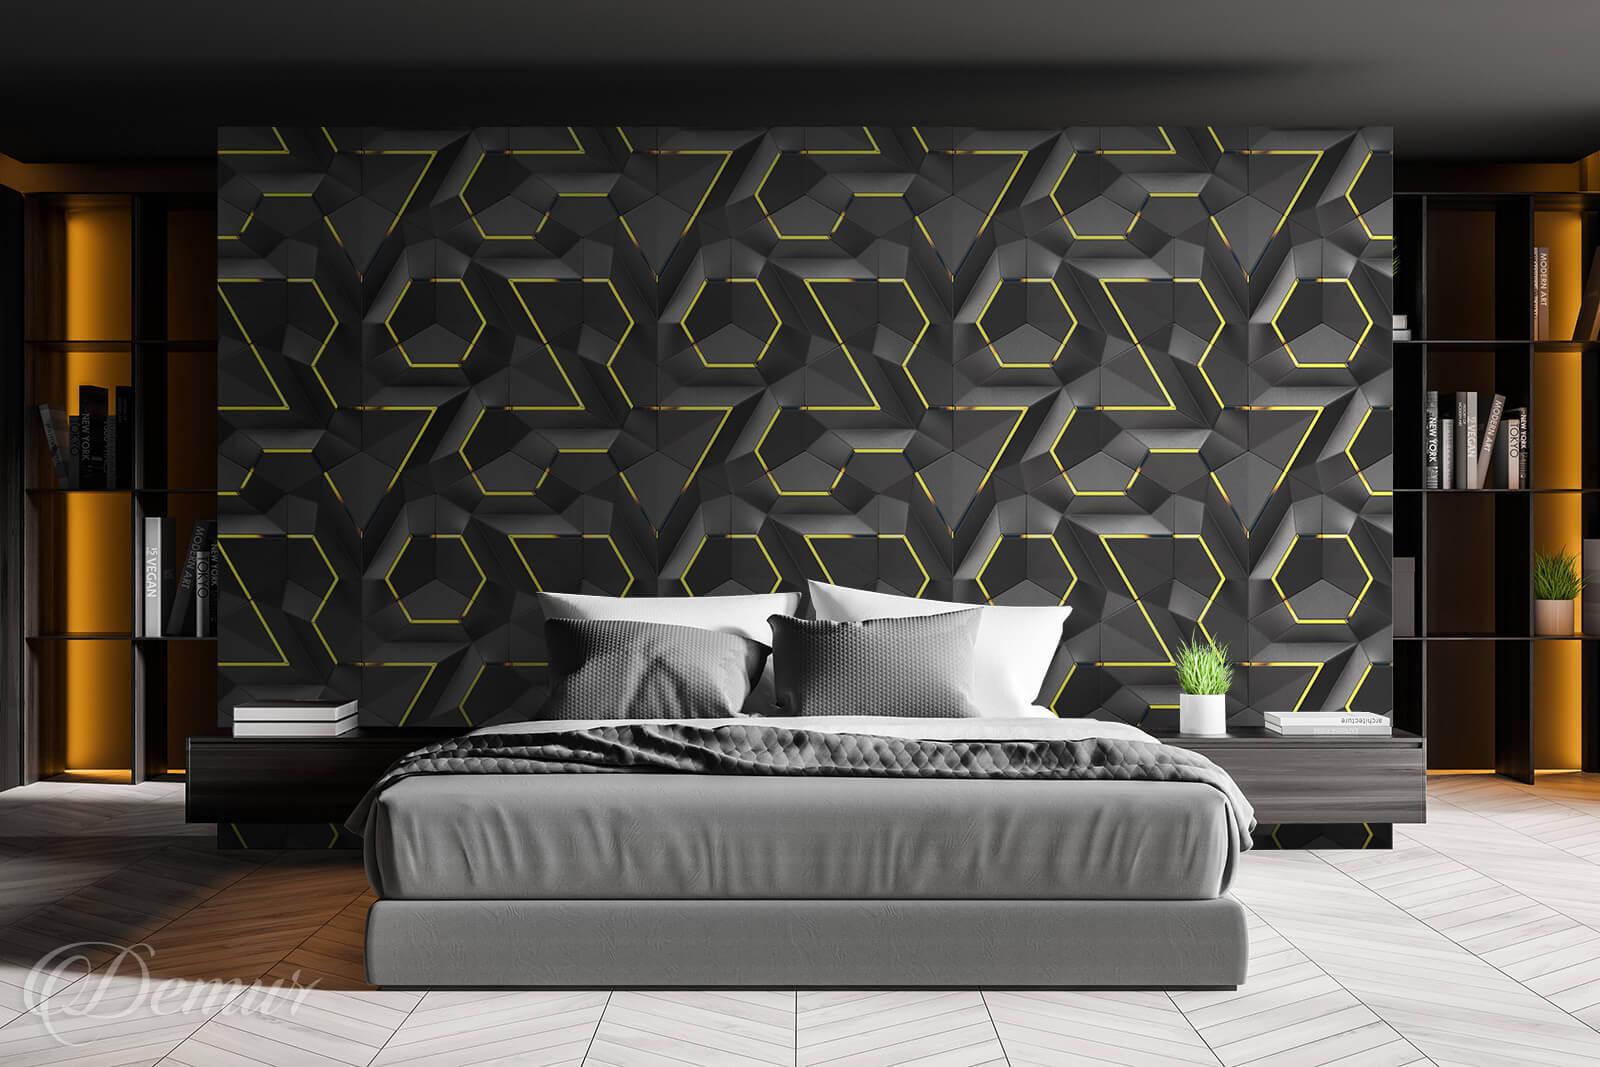 Tapeta Geometryczna przyszłość - Tapety do sypialni - Demur